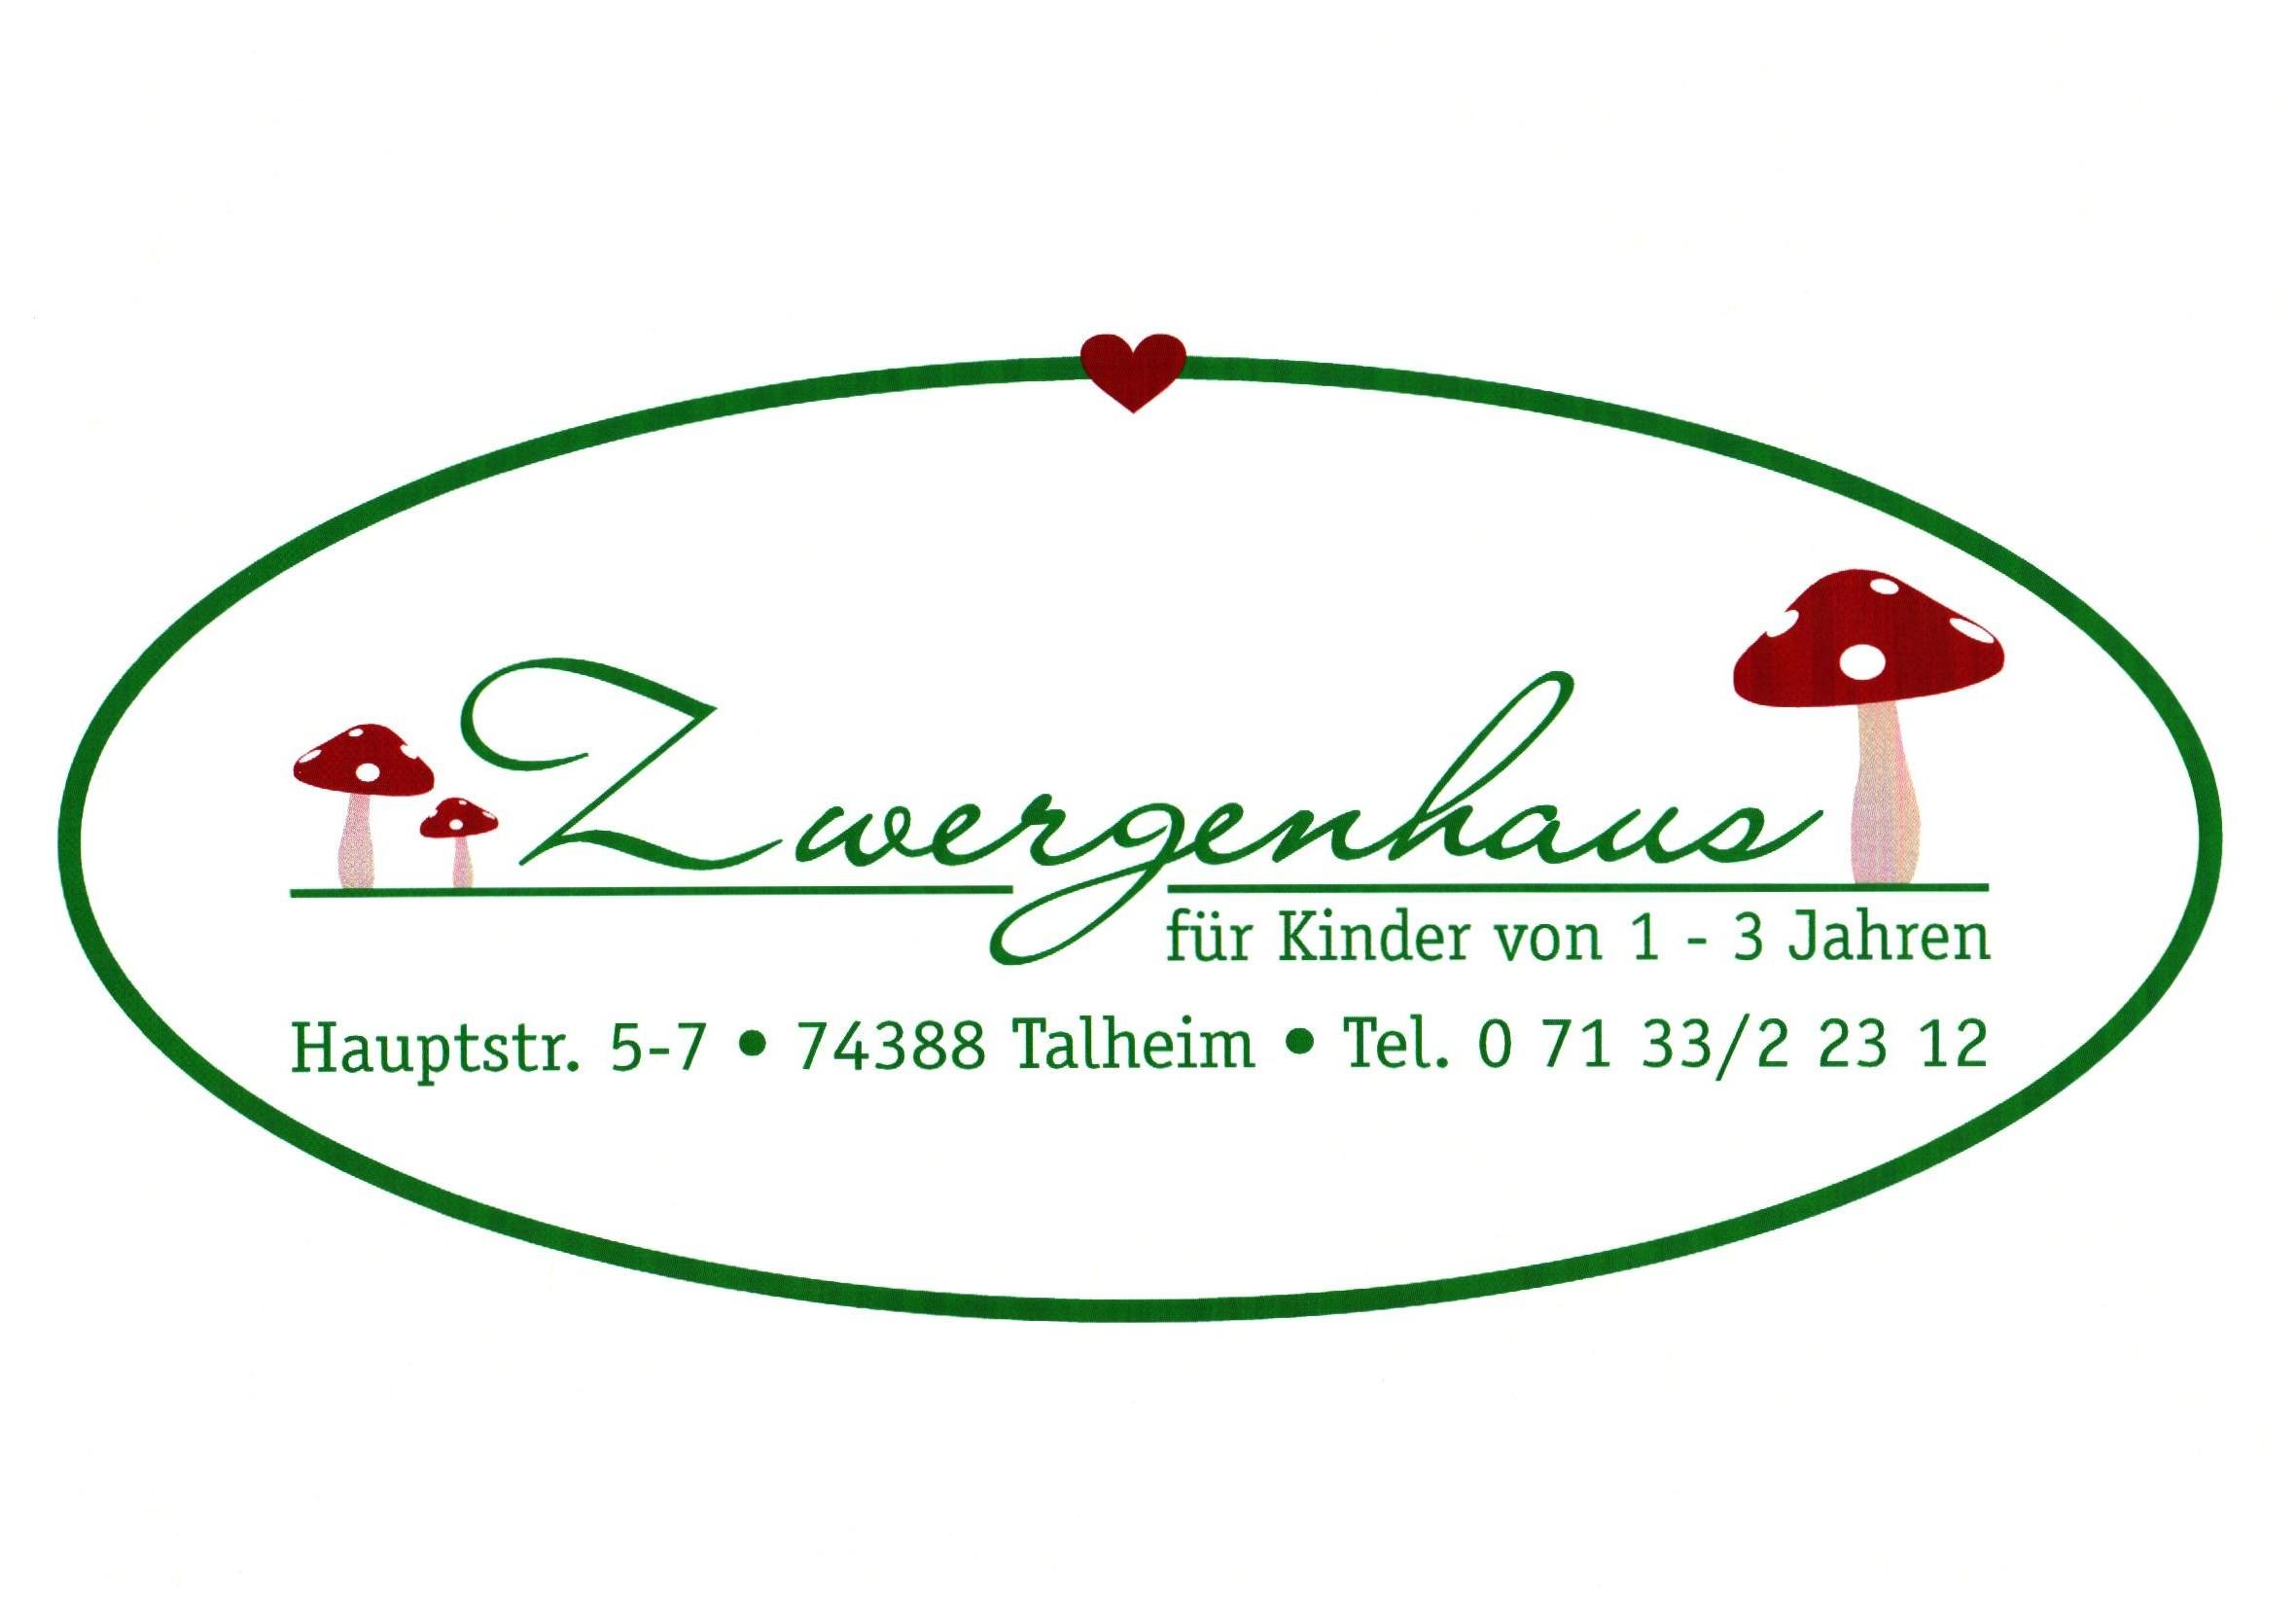 Logo_Zwergenhaus_oval